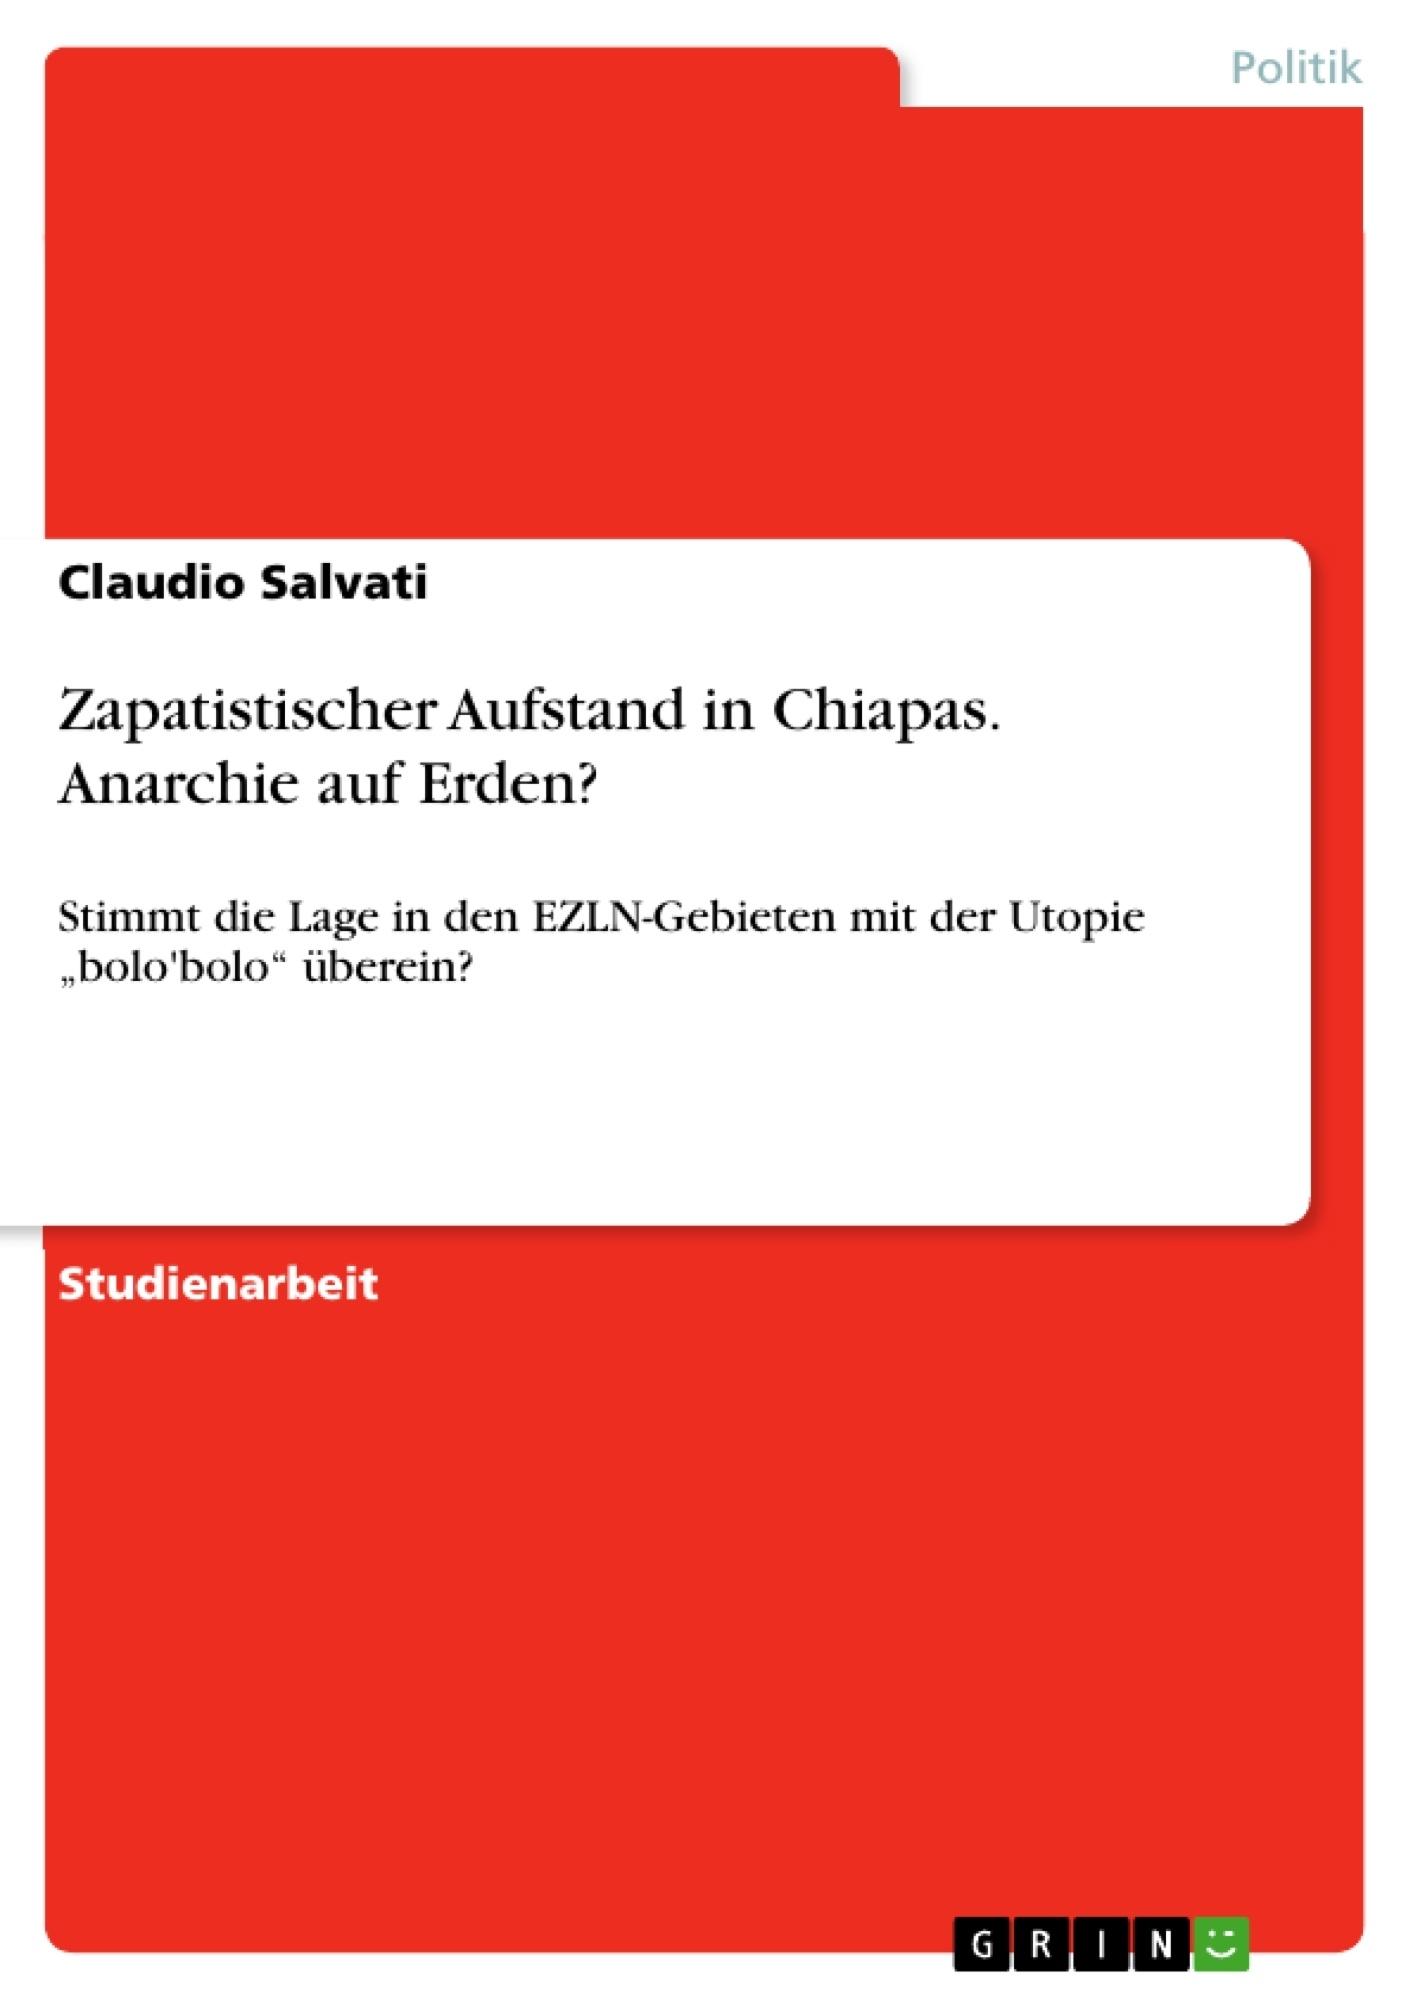 Titel: Zapatistischer Aufstand in Chiapas. Anarchie auf Erden?